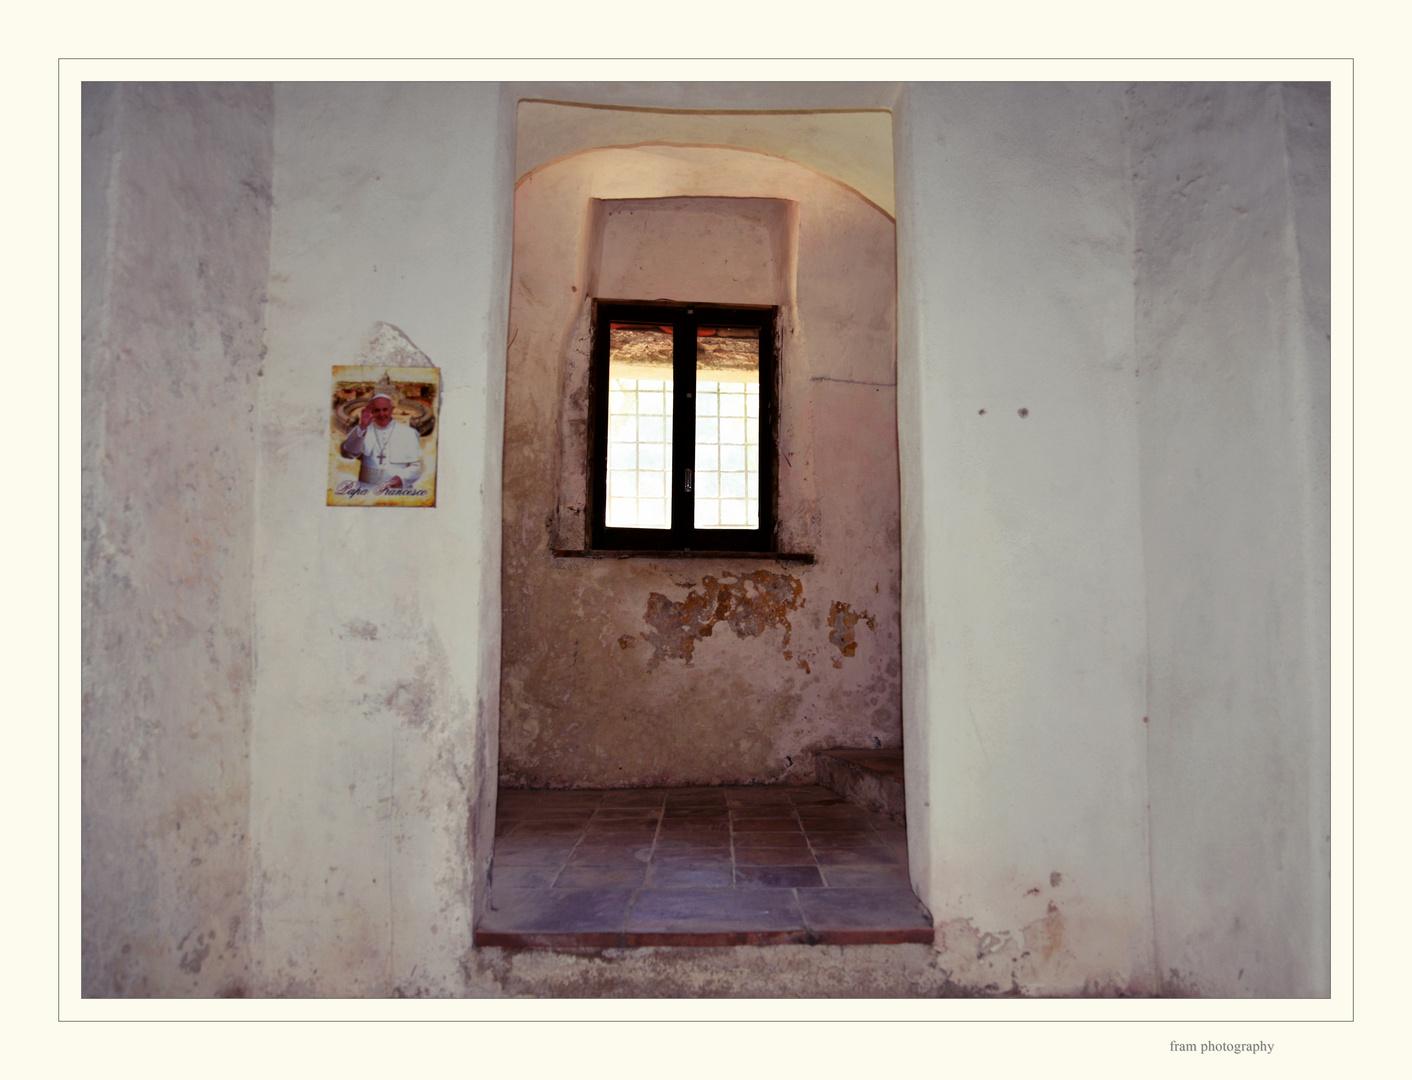 Percorsi spirituali - Convento di San Domenico